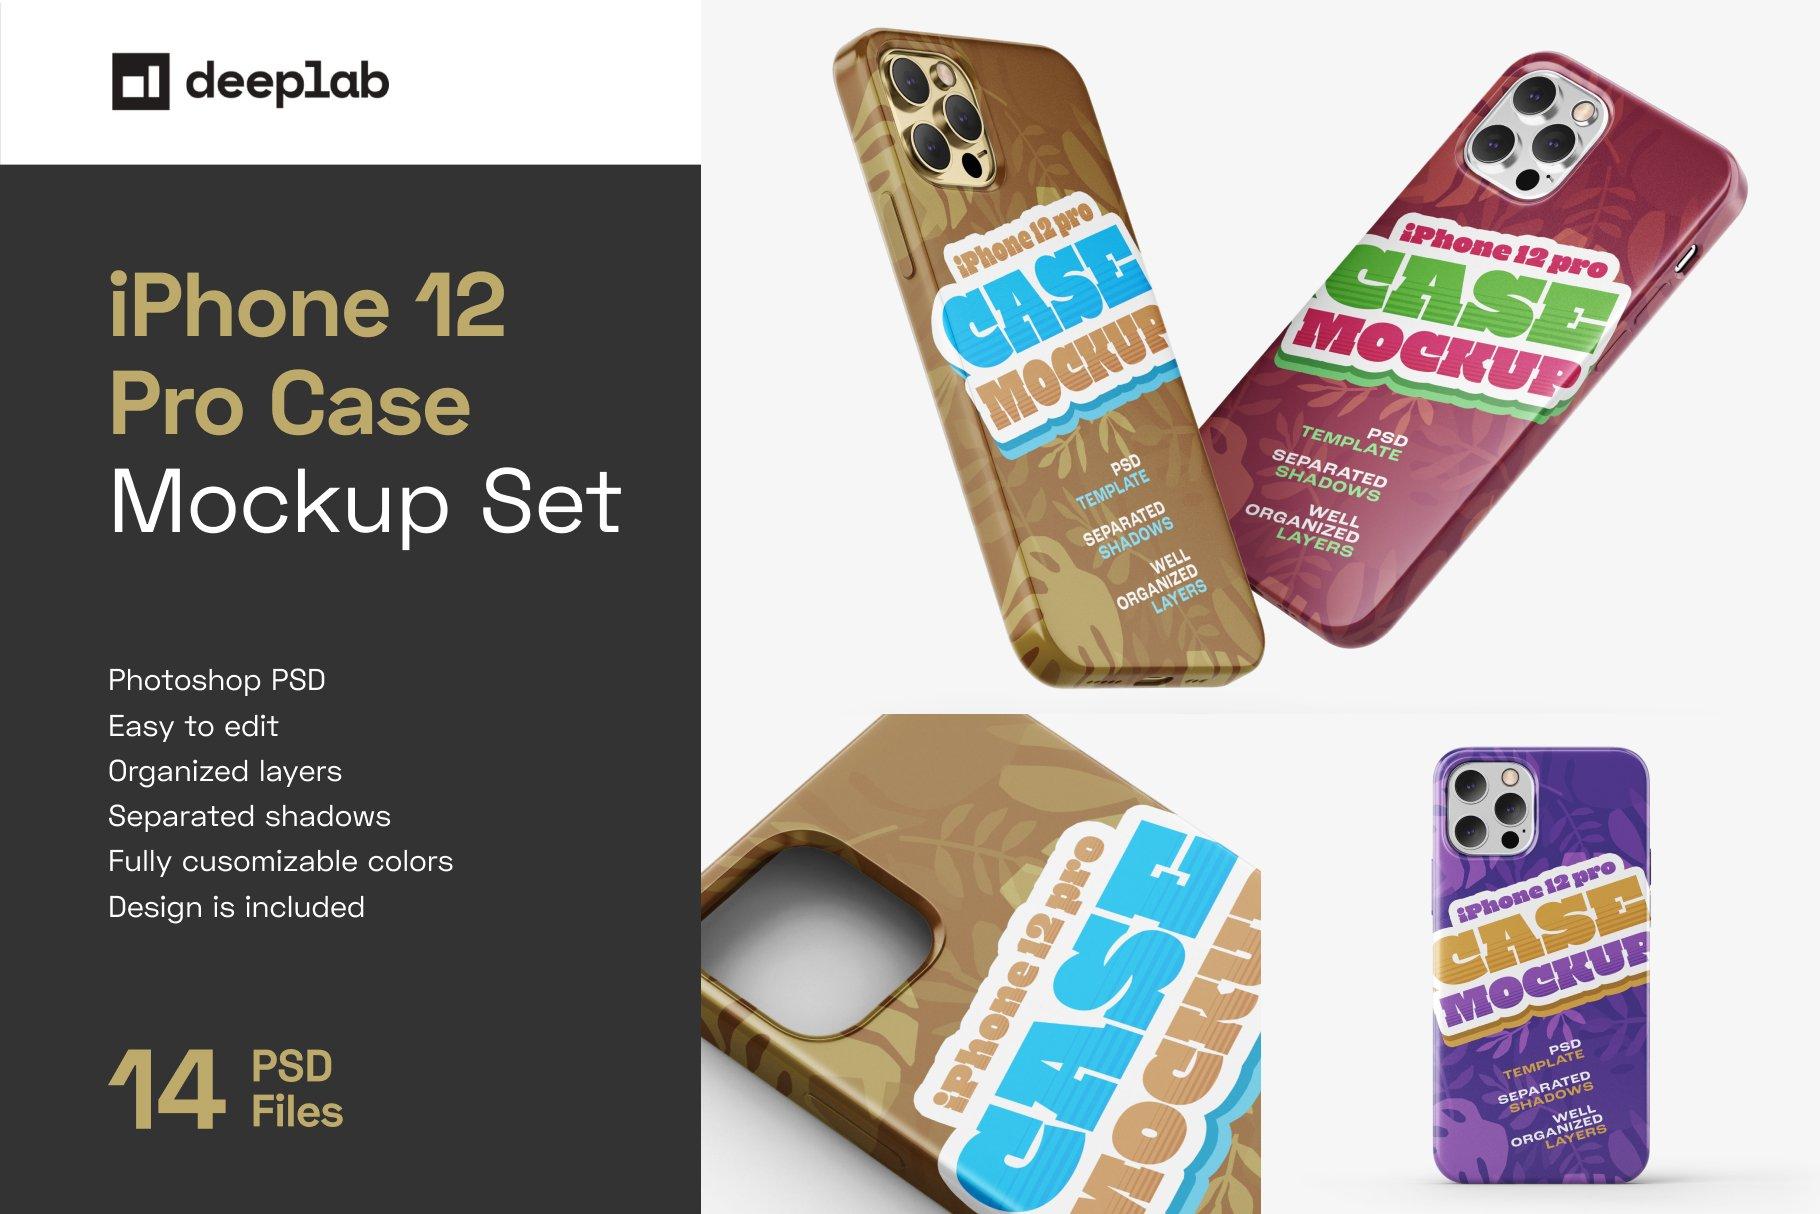 14款iPhone 12 Pro手机壳外观设计展示样机合集 iPhone 12 Pro Case Mockup Set插图